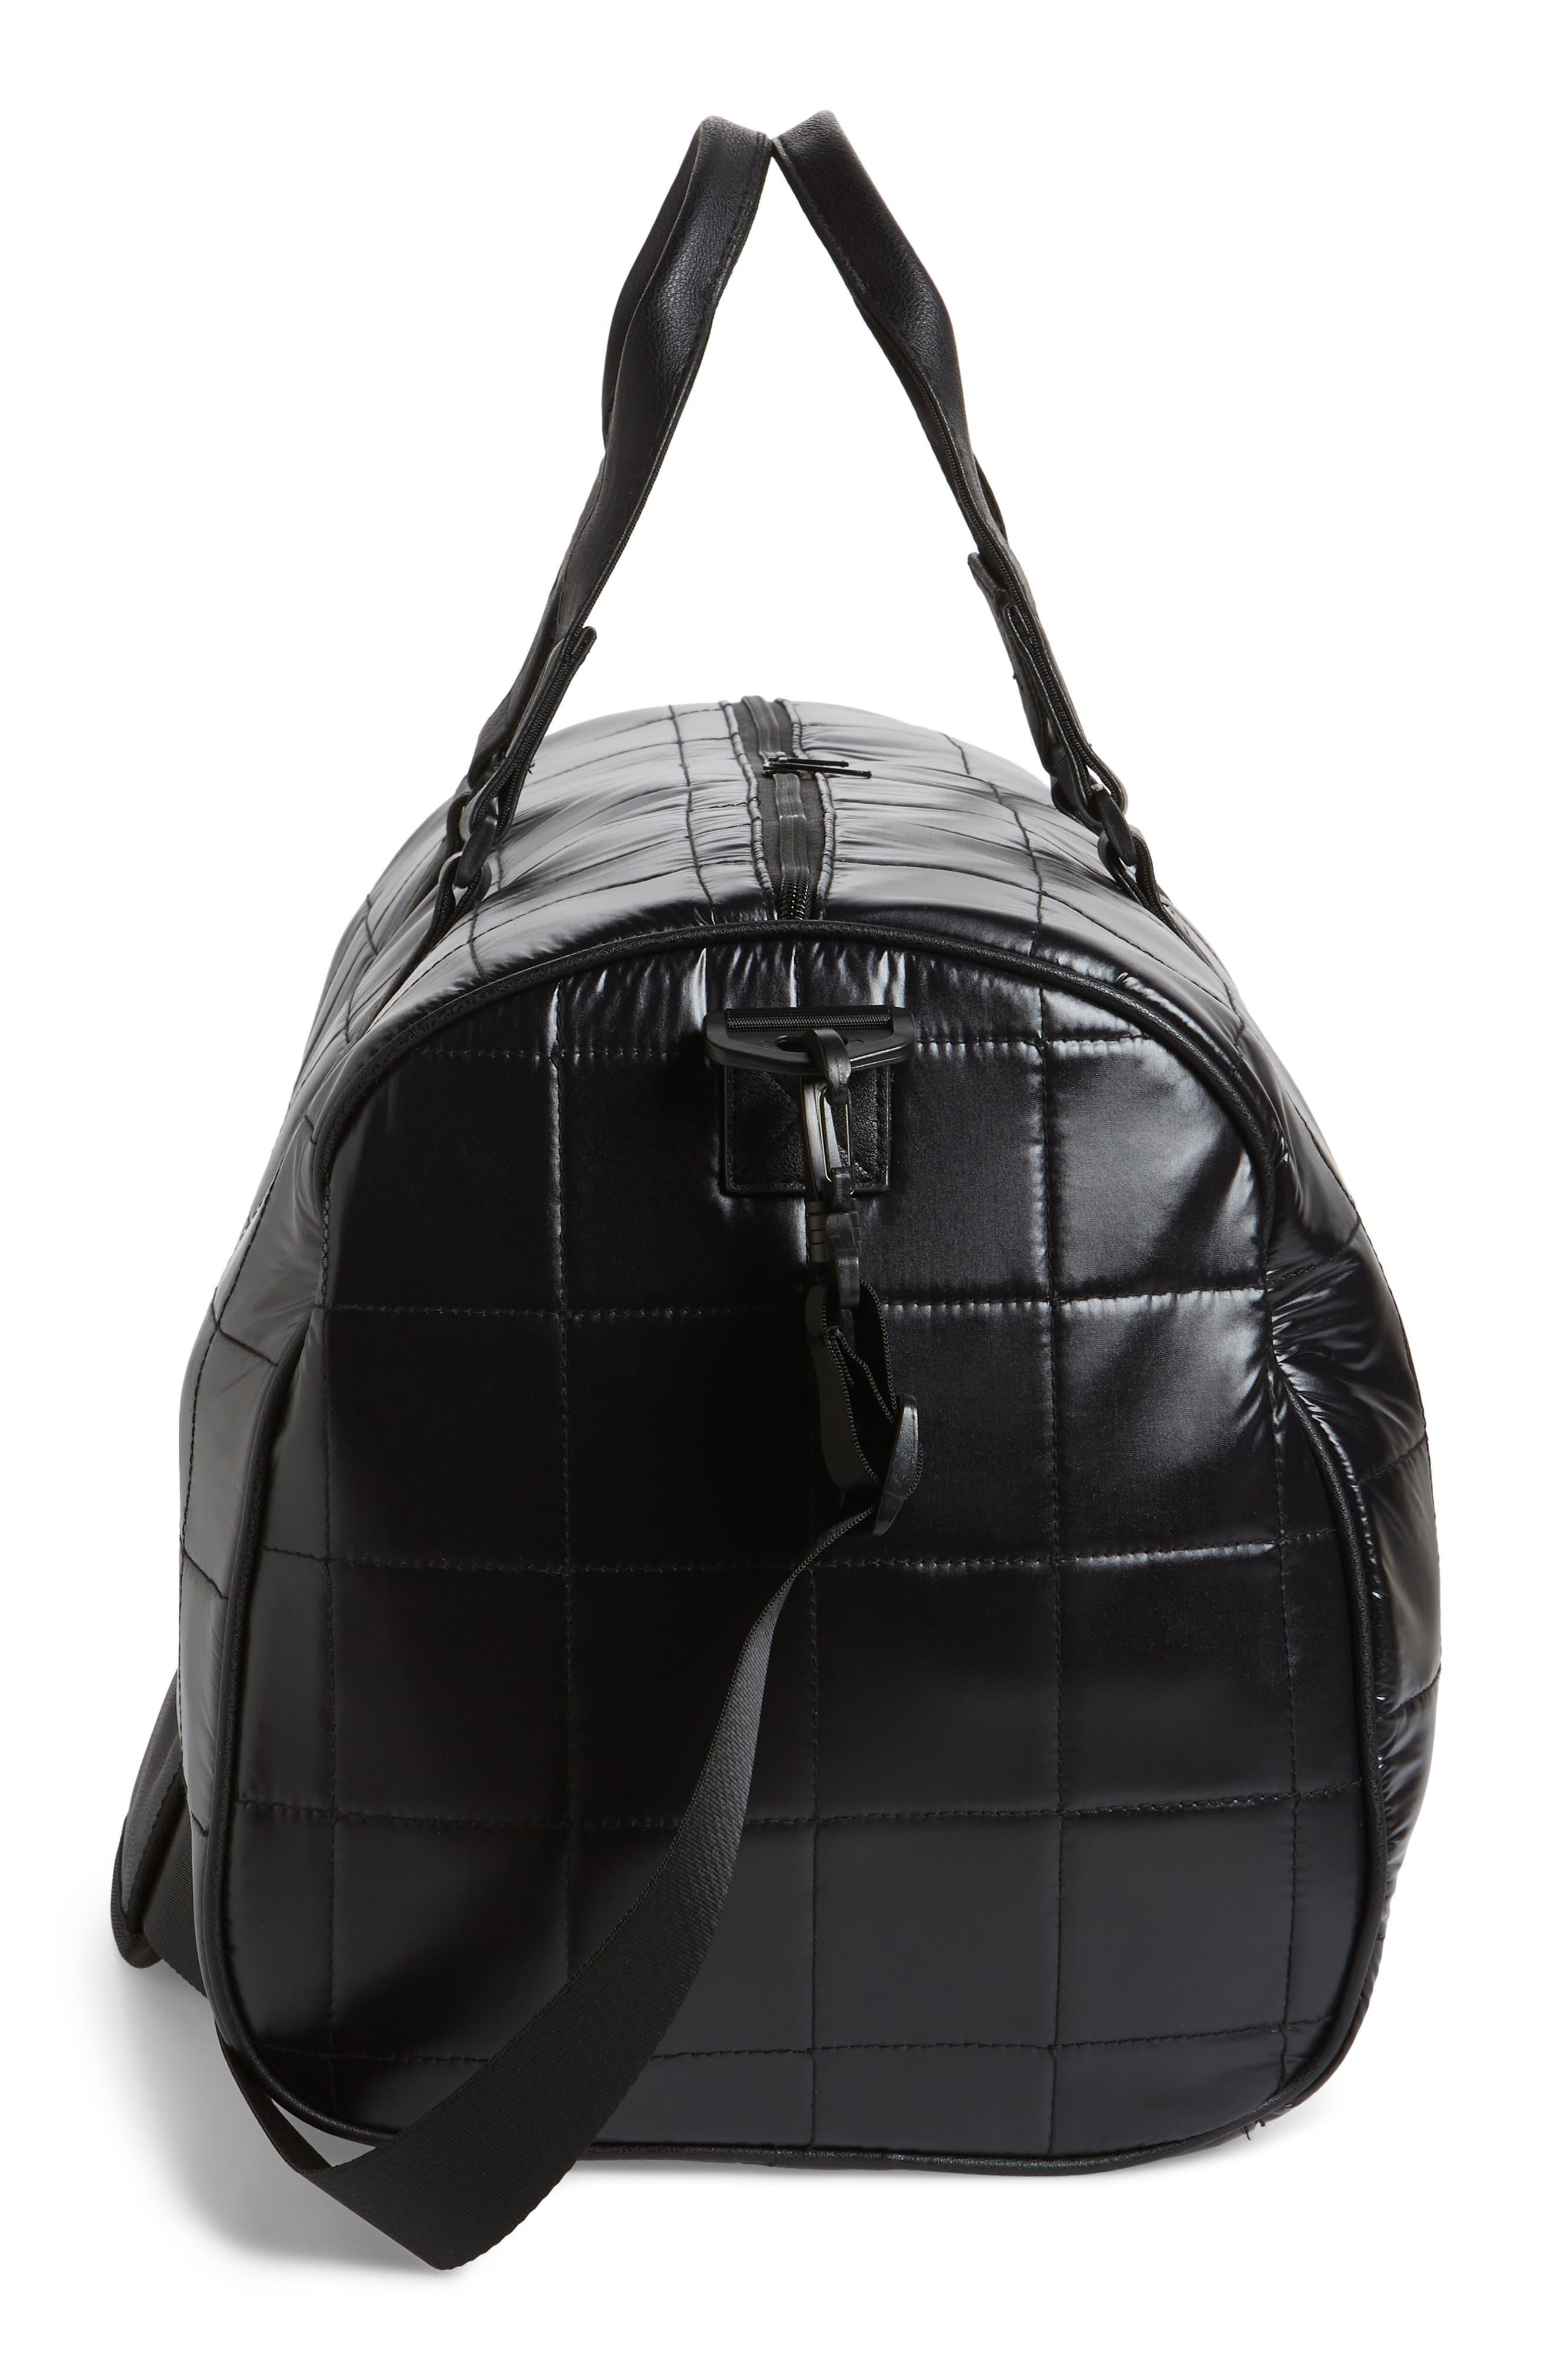 Puffer Duffel Bag,                             Alternate thumbnail 5, color,                             Black